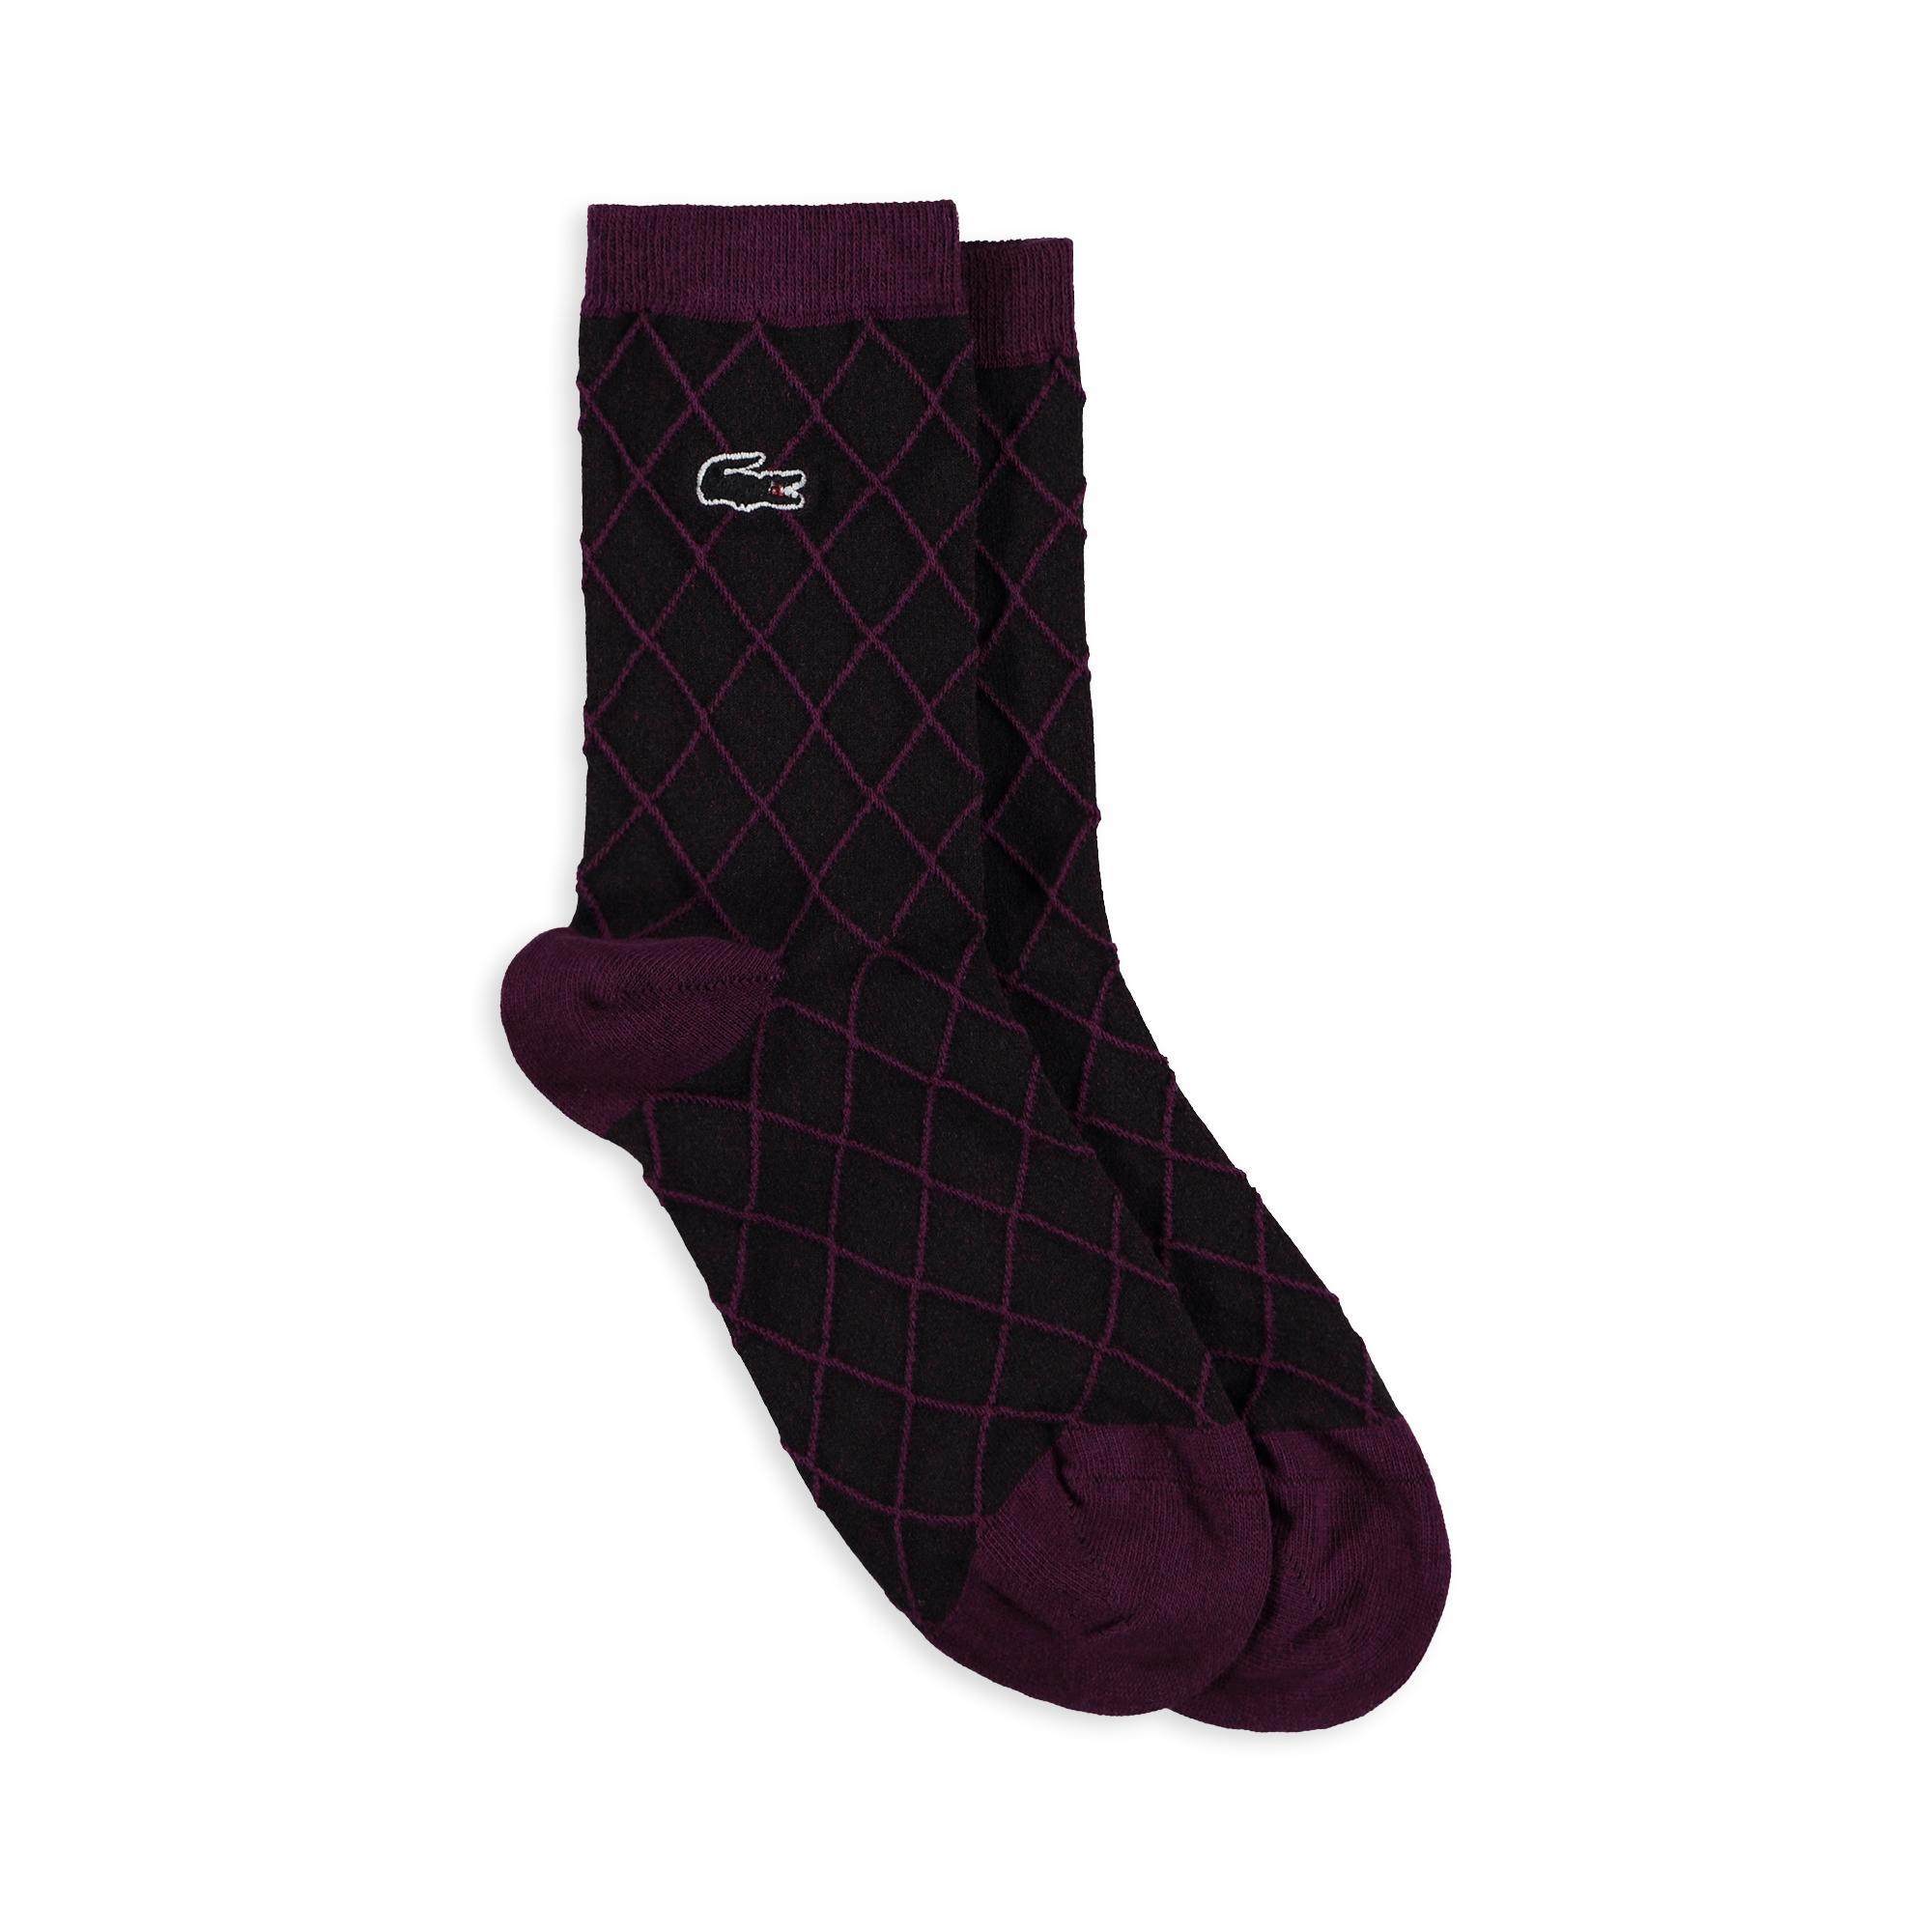 Lacoste Unisex Çizgili Mor Çorap